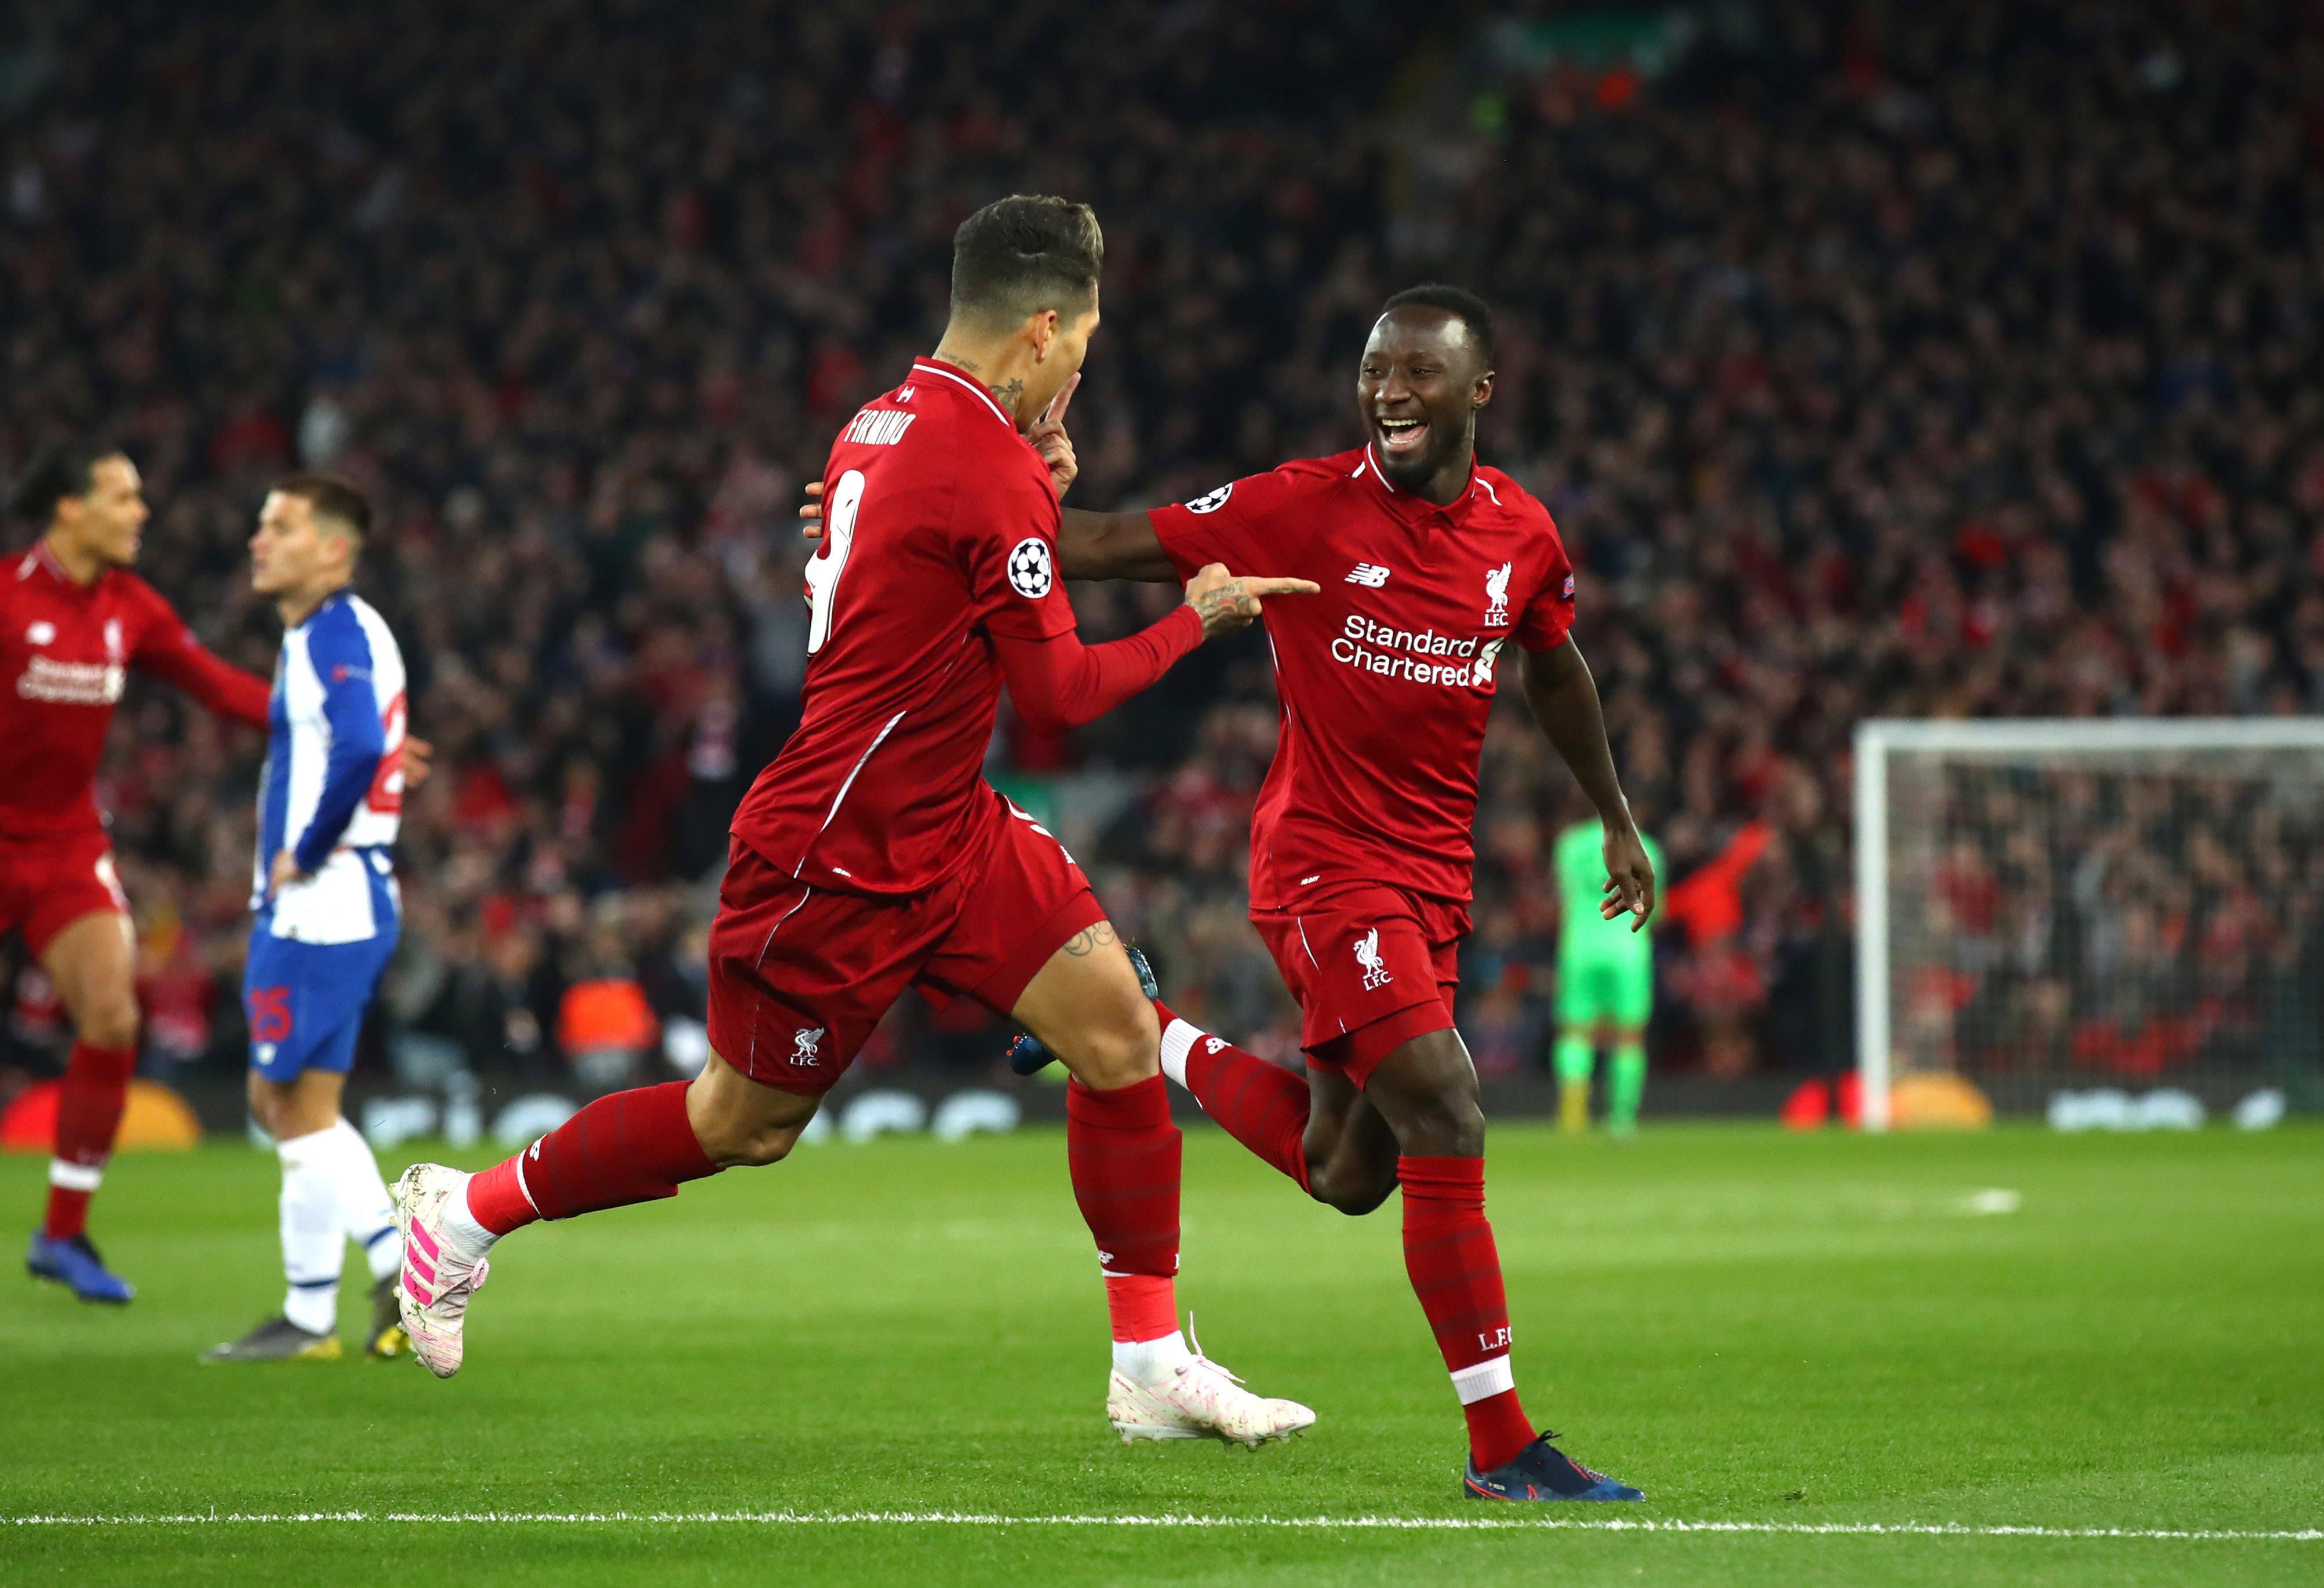 Formacioni më i mirë i ndeshjeve të para çerekfinale të Ligës së Kampionëve – Ronaldo në sulm, dominojnë lojtarët e Liverpoolit